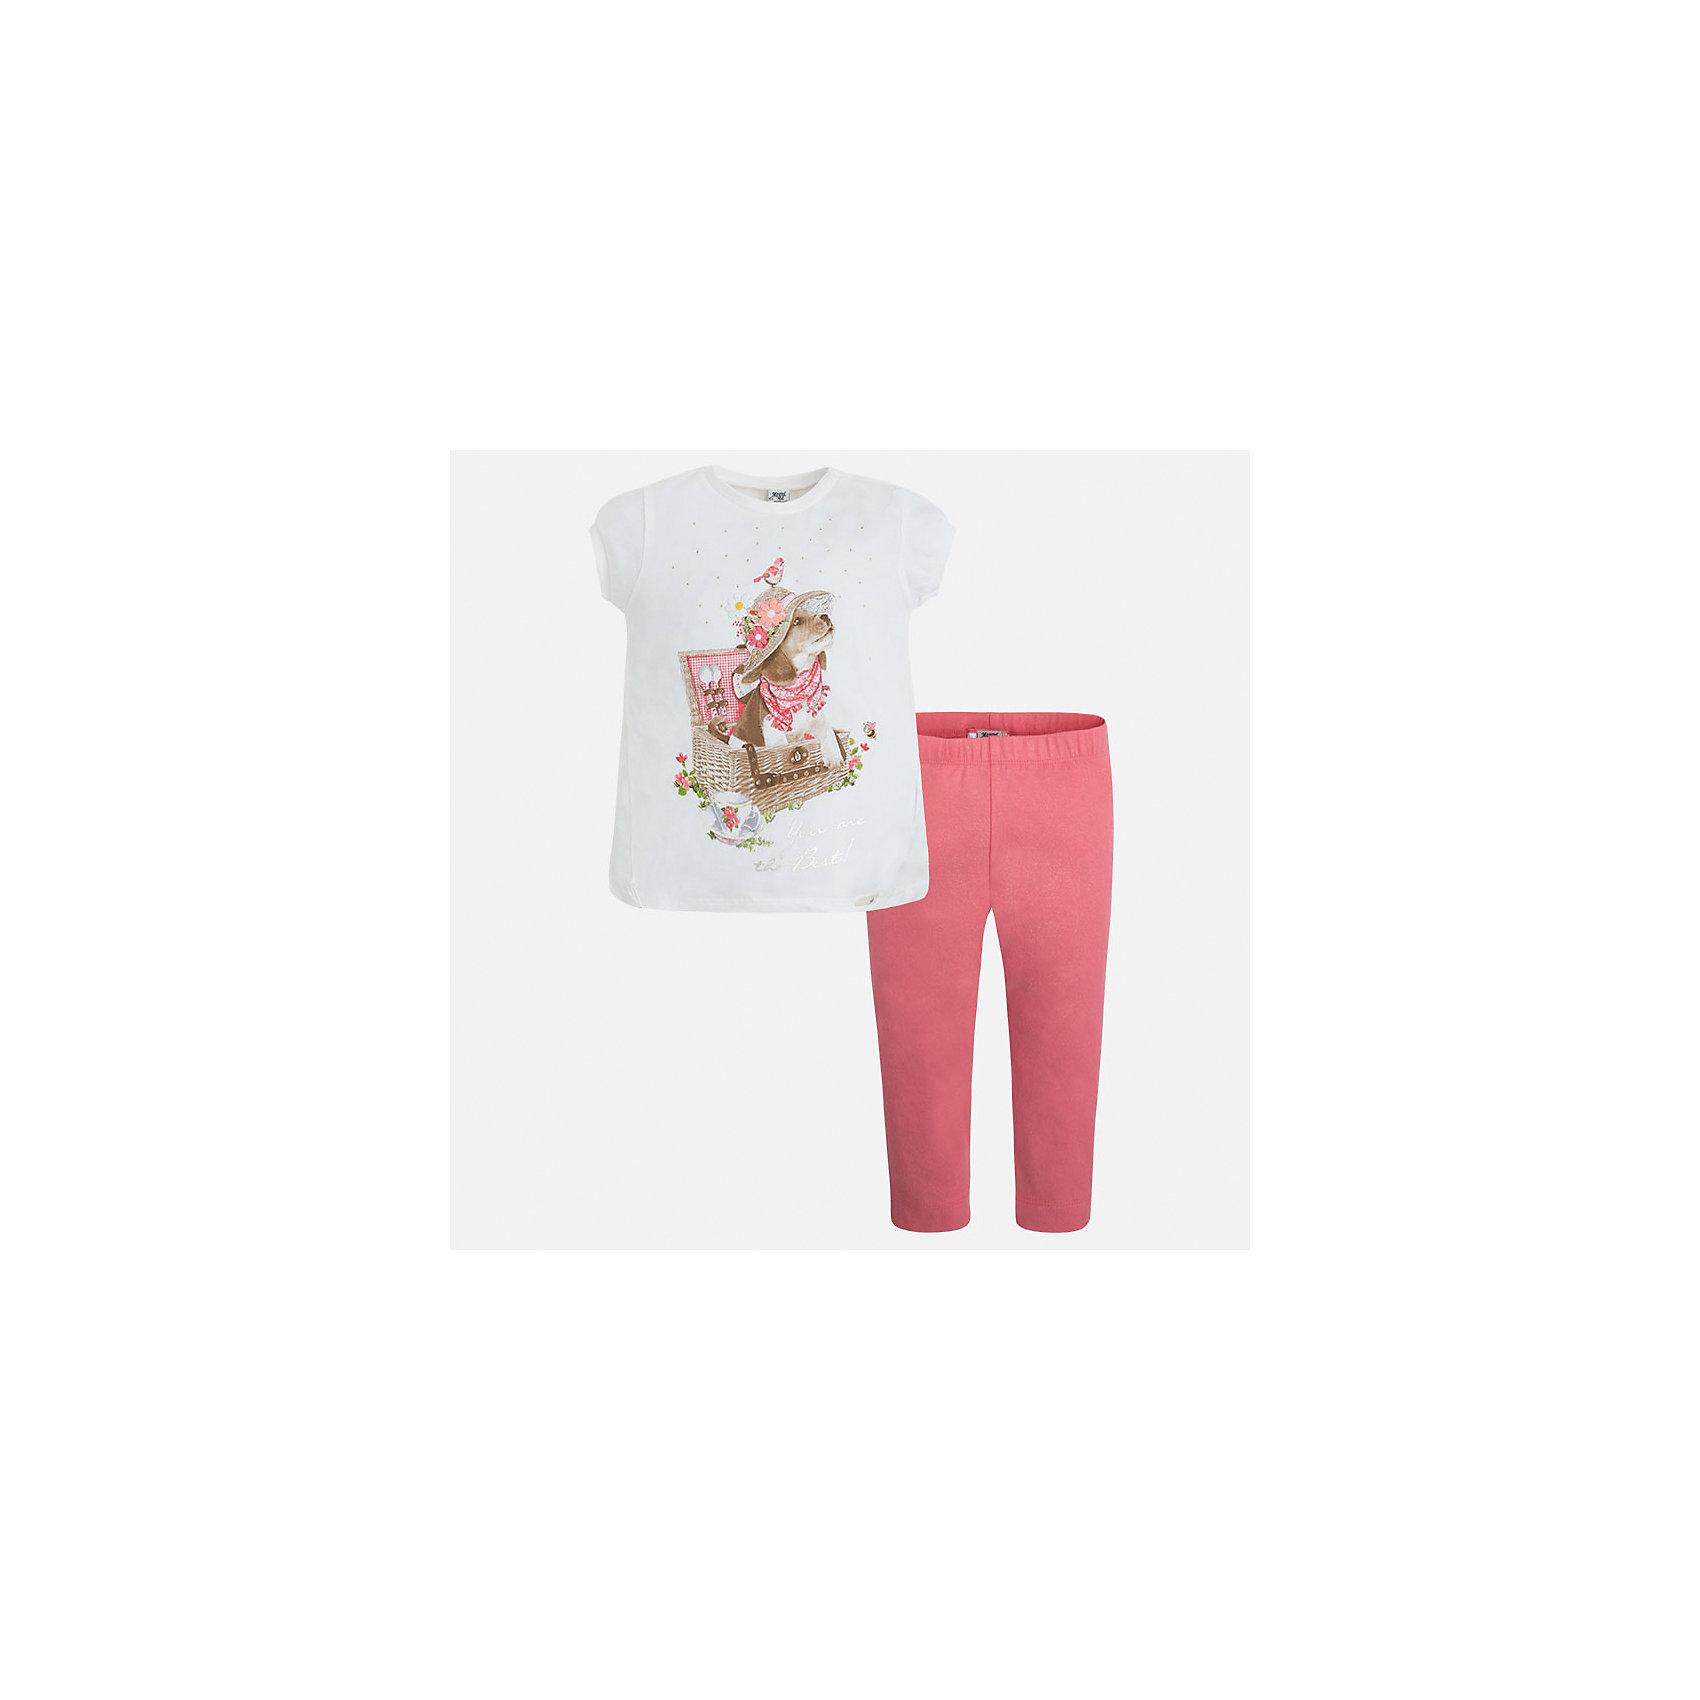 Комплект: футболка и леггинсы для девочки MayoralКомплекты<br>Характеристики товара:<br><br>• цвет: белый/розовый<br>• состав: 95% хлопок, 5% эластан<br>• комплектация: футболка, леггинсы<br>• футболка декорирована принтом<br>• леггинсы однотонные<br>• пояс на резинке<br>• страна бренда: Испания<br><br>Стильный качественный комплект для девочки поможет разнообразить гардероб ребенка и удобно одеться в теплую погоду. Он отлично сочетается с другими предметами. Универсальный цвет позволяет подобрать к вещам верхнюю одежду практически любой расцветки. Интересная отделка модели делает её нарядной и оригинальной. В составе материала - натуральный хлопок, гипоаллергенный, приятный на ощупь, дышащий.<br><br>Одежда, обувь и аксессуары от испанского бренда Mayoral полюбились детям и взрослым по всему миру. Модели этой марки - стильные и удобные. Для их производства используются только безопасные, качественные материалы и фурнитура. Порадуйте ребенка модными и красивыми вещами от Mayoral! <br><br>Комплект для девочки от испанского бренда Mayoral (Майорал) можно купить в нашем интернет-магазине.<br><br>Ширина мм: 123<br>Глубина мм: 10<br>Высота мм: 149<br>Вес г: 209<br>Цвет: оранжевый<br>Возраст от месяцев: 18<br>Возраст до месяцев: 24<br>Пол: Женский<br>Возраст: Детский<br>Размер: 92,134,98,104,110,116,122,128<br>SKU: 5290649